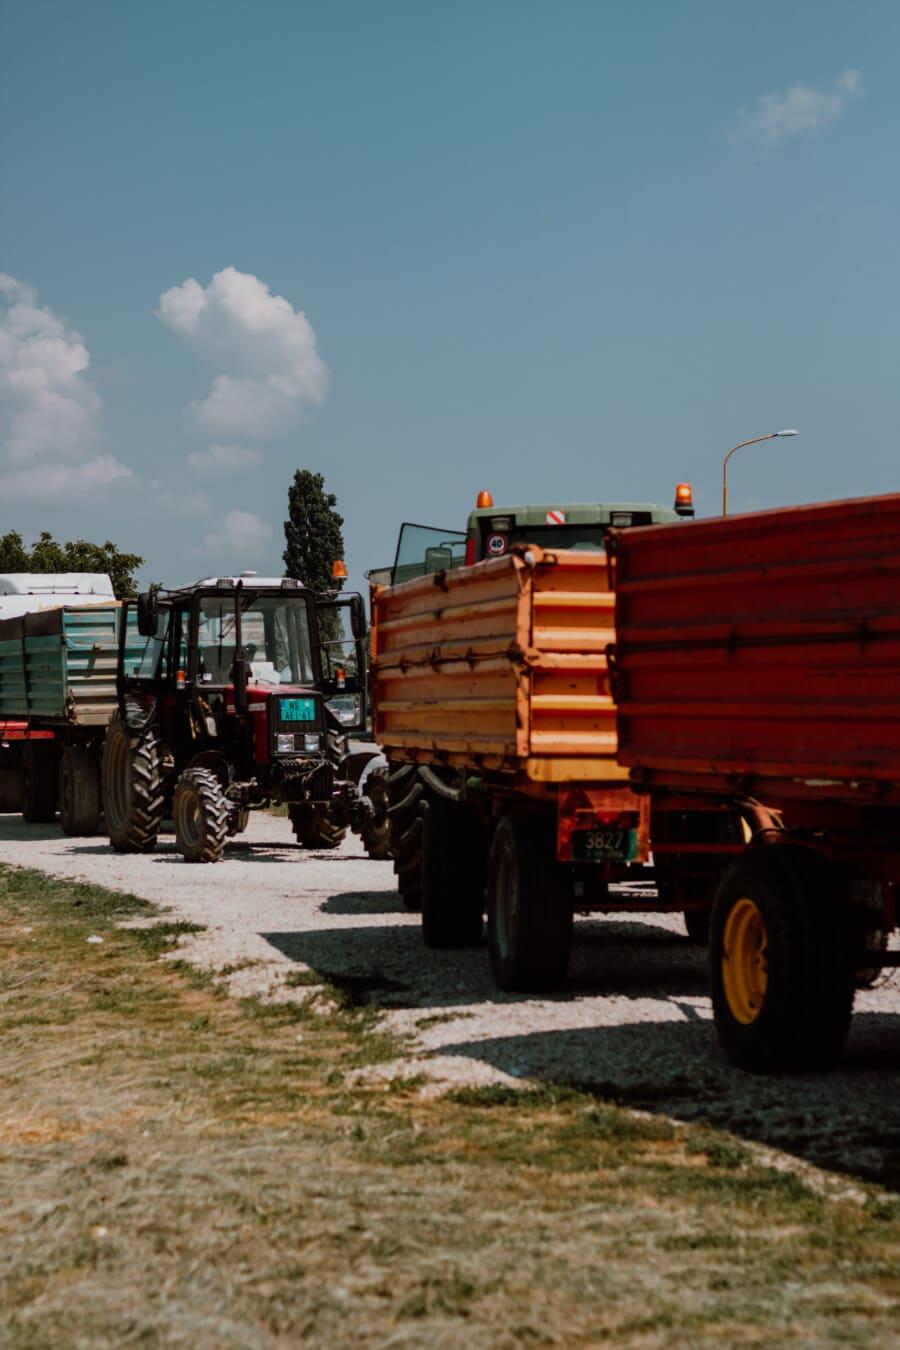 Fahrzeuge, Traktor, Parkplatz, Transport, schwere, Anhänger, industrielle, Maschine, Fahrzeug, LKW